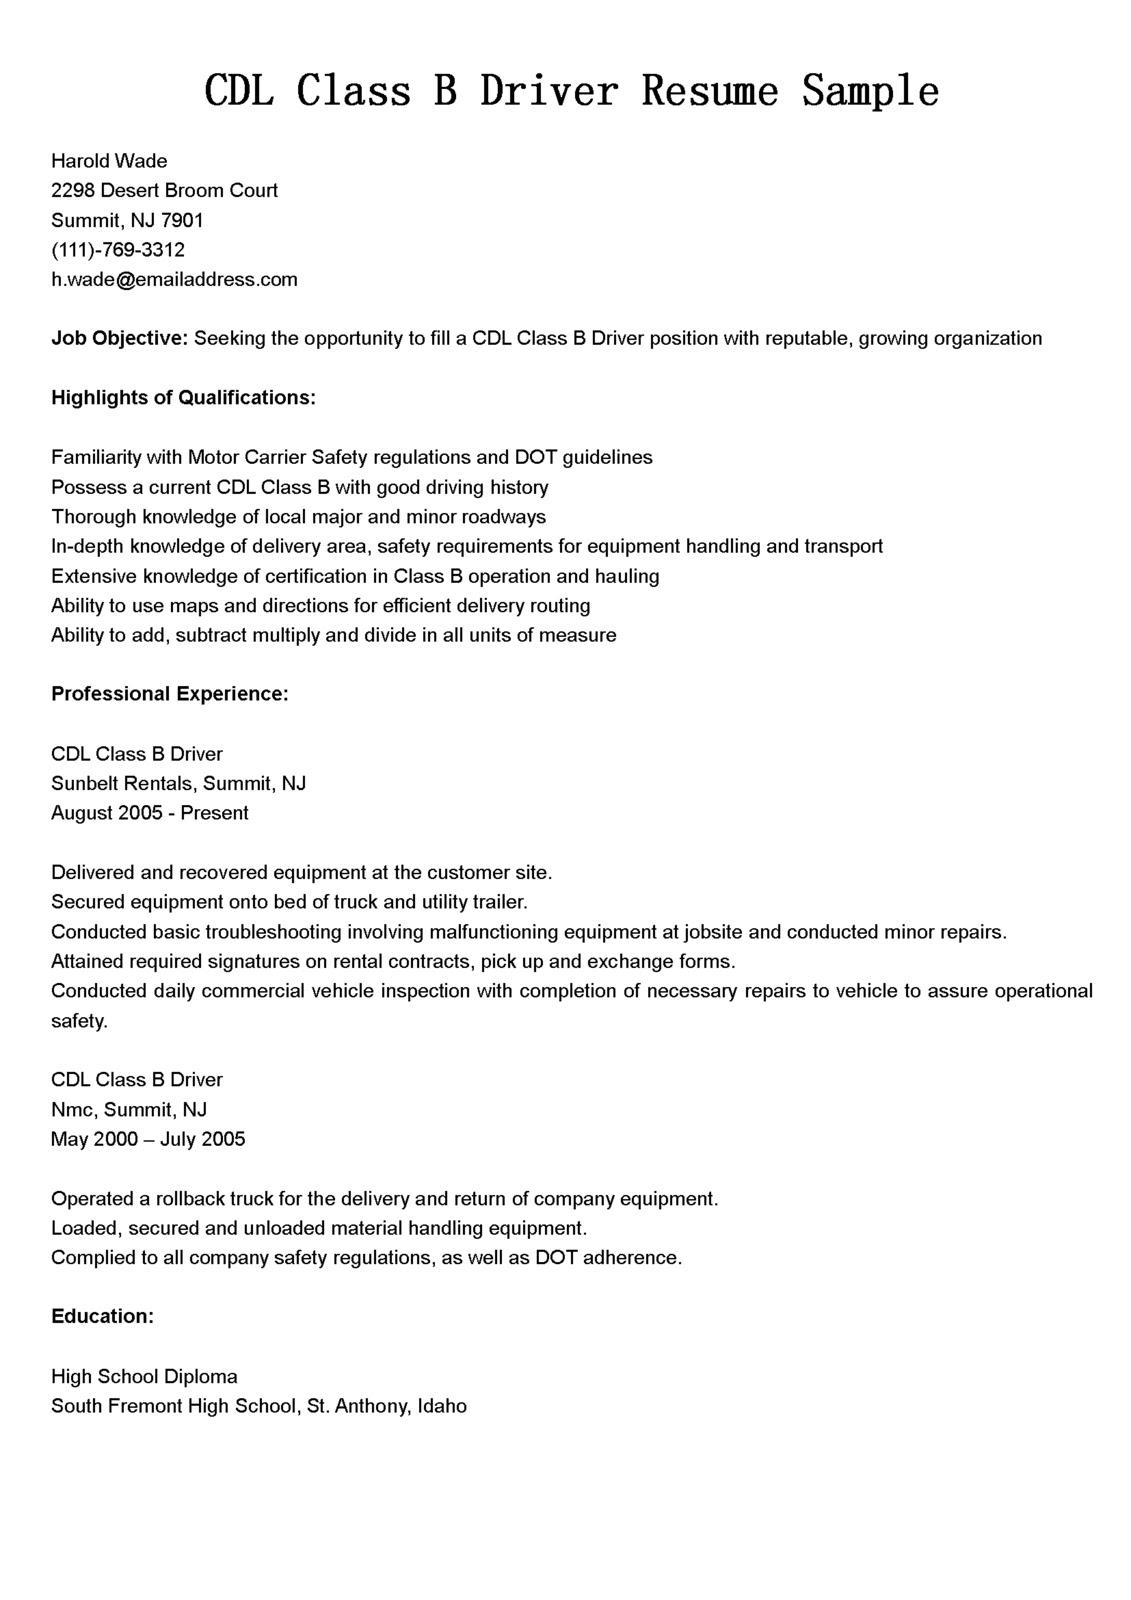 emt resume resume format download pdf sample of attorney resume - Emt Job Description For Resume